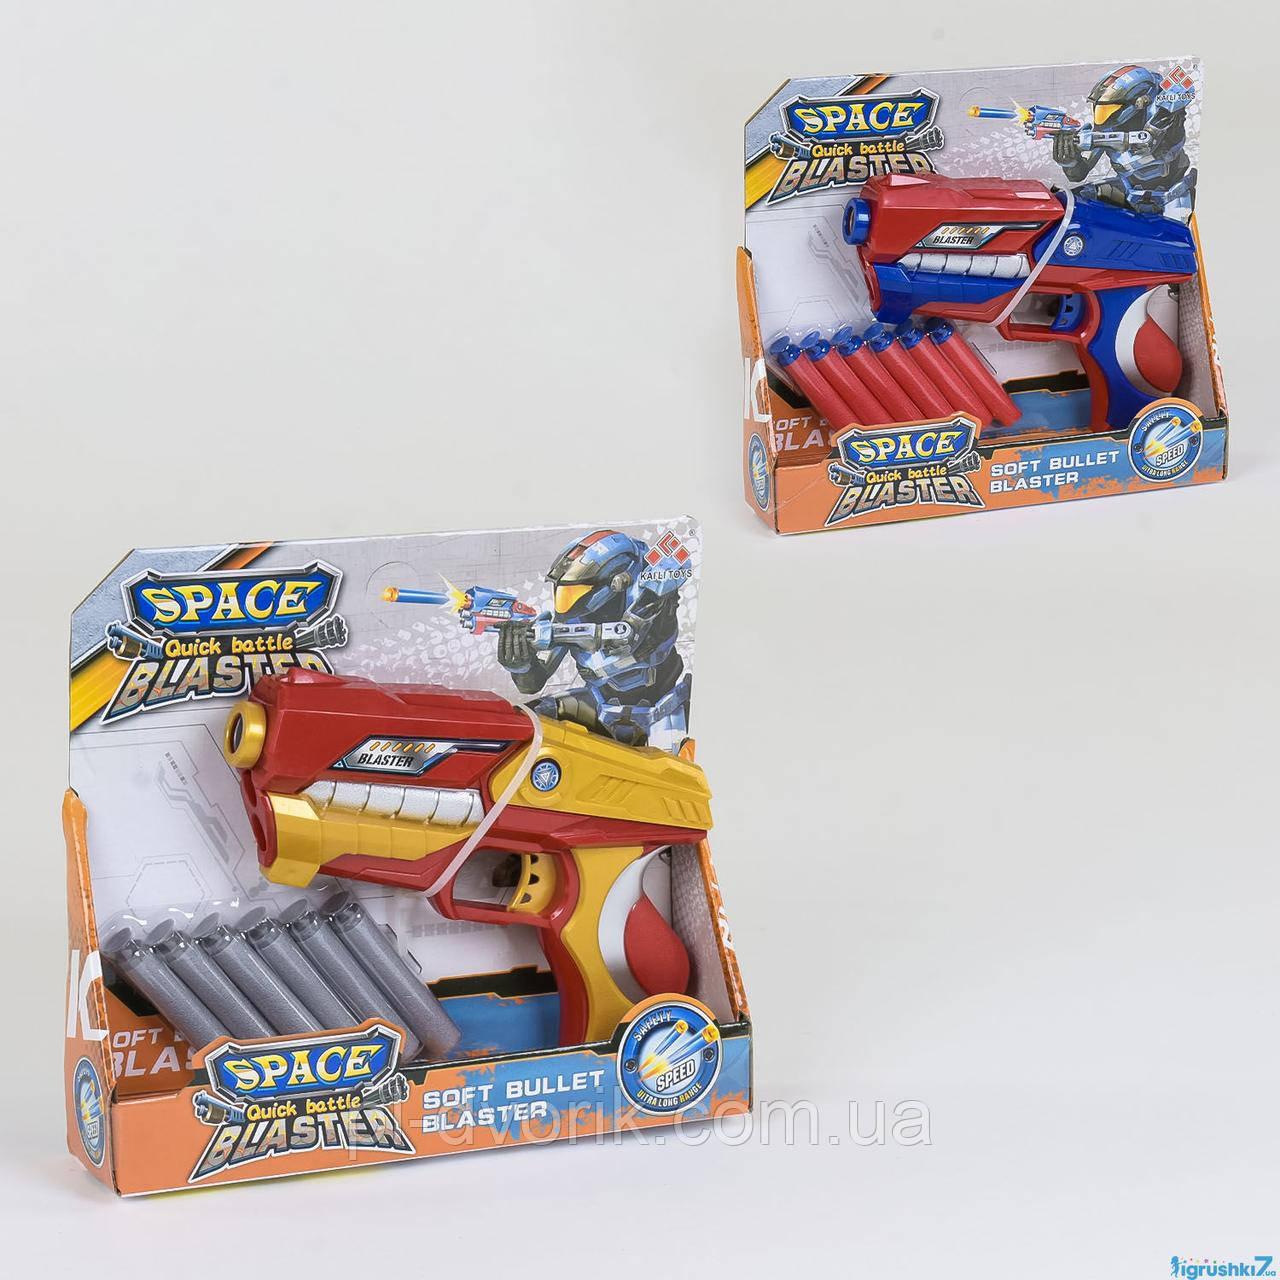 Пистолет с мягкими патронами SB 435 (72) 2 вида, в коробке Размер упаковки: 24 х 6 х 22 см Упаковка: Картонны